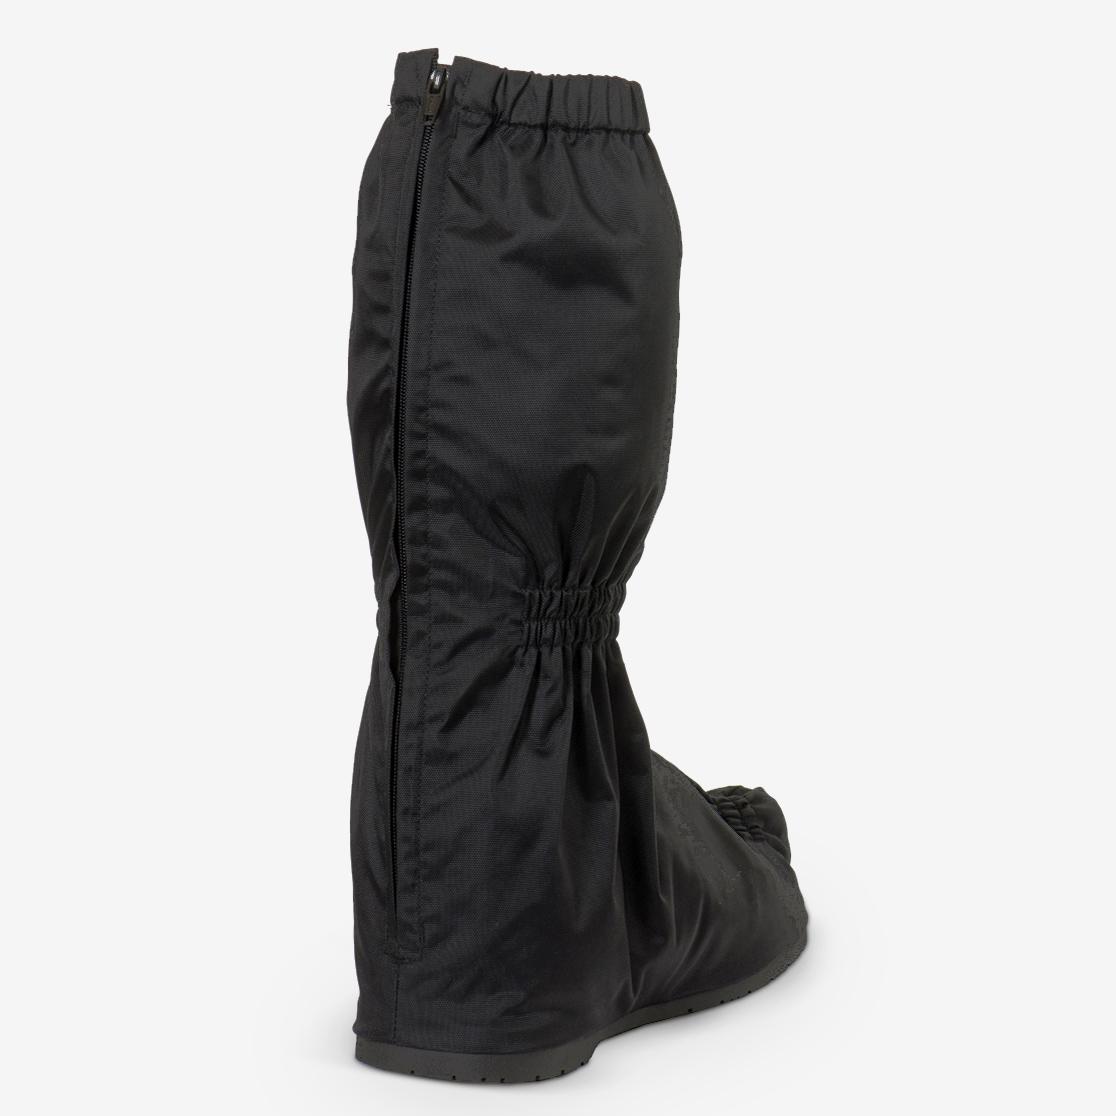 Bering - Surbottes Bering SURCHAUSSURE - Noir - XL I0sQHh